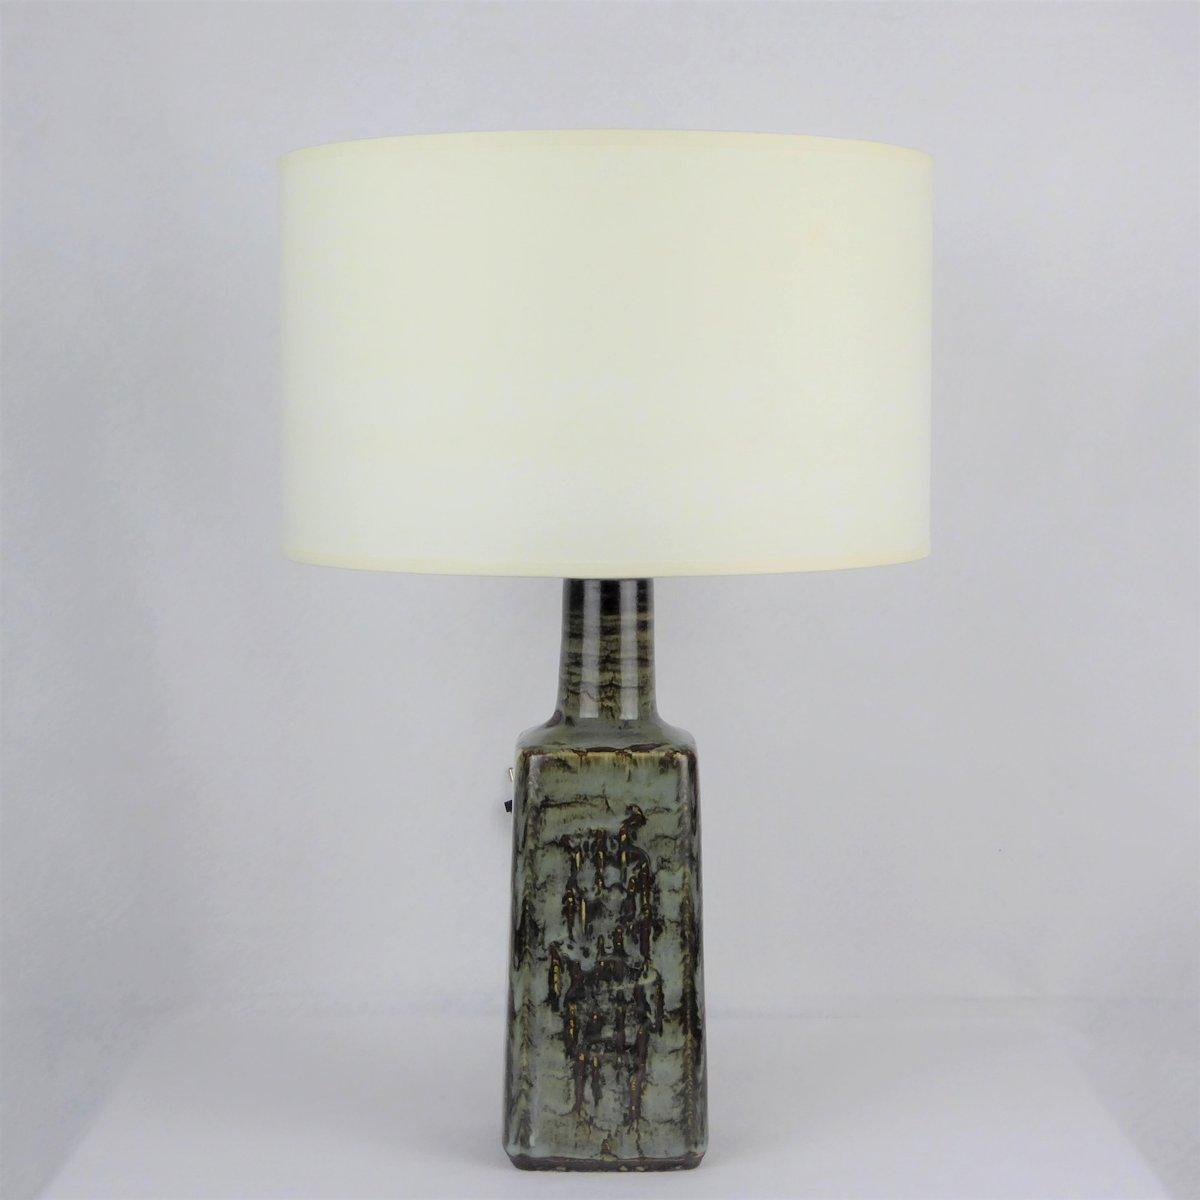 Dänische Keramik Tischlampe von Désirée Stentoj, 1960er